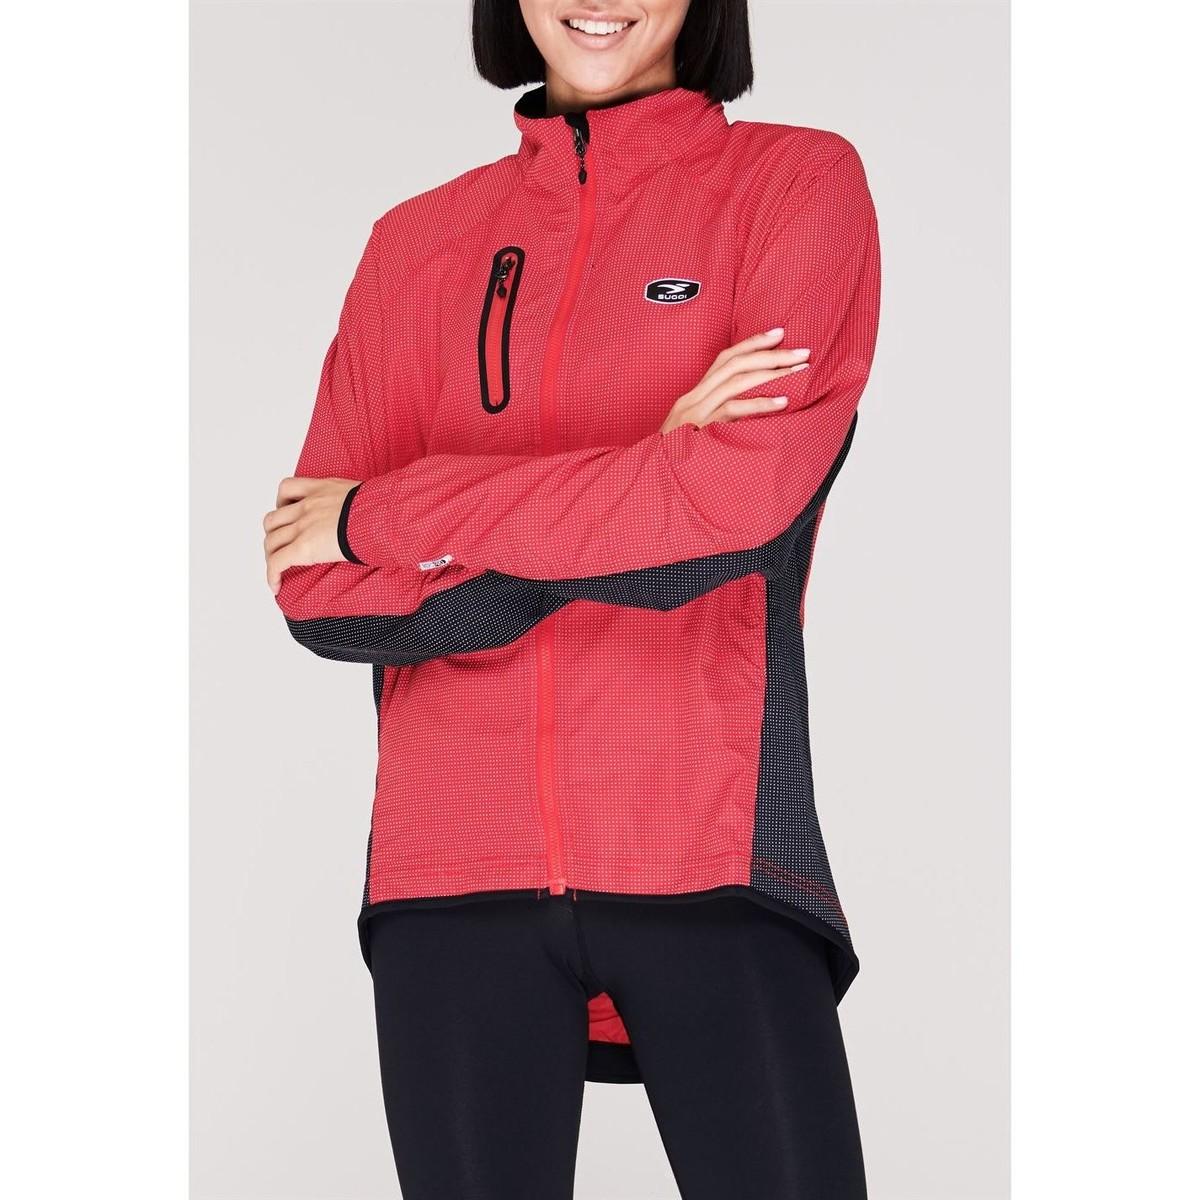 Zip T Fusion Top Core Sugoi shirt rCexdBoQW